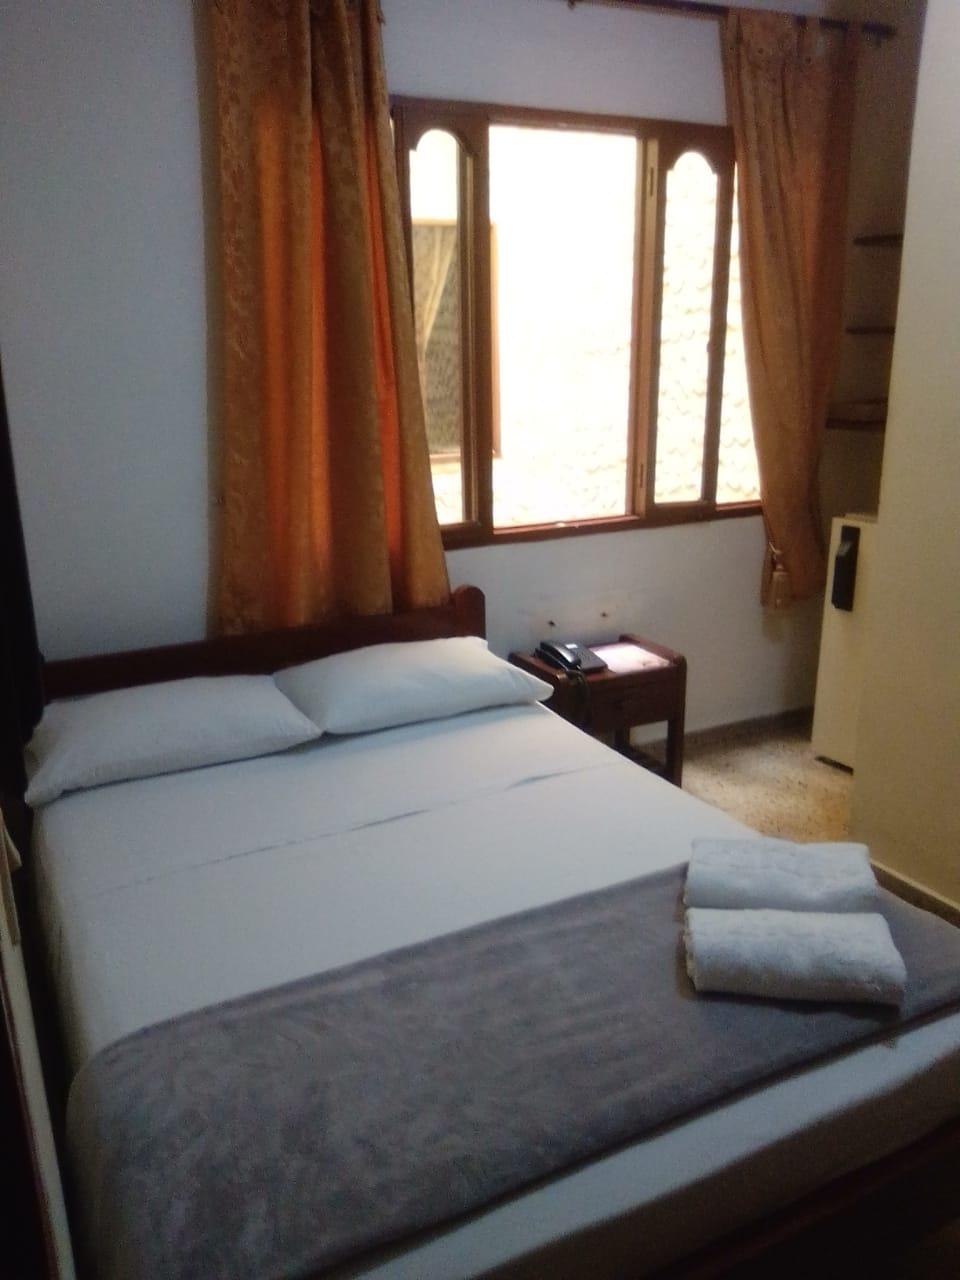 Hotel Caldas Plaza  en Caldas : MotelNow